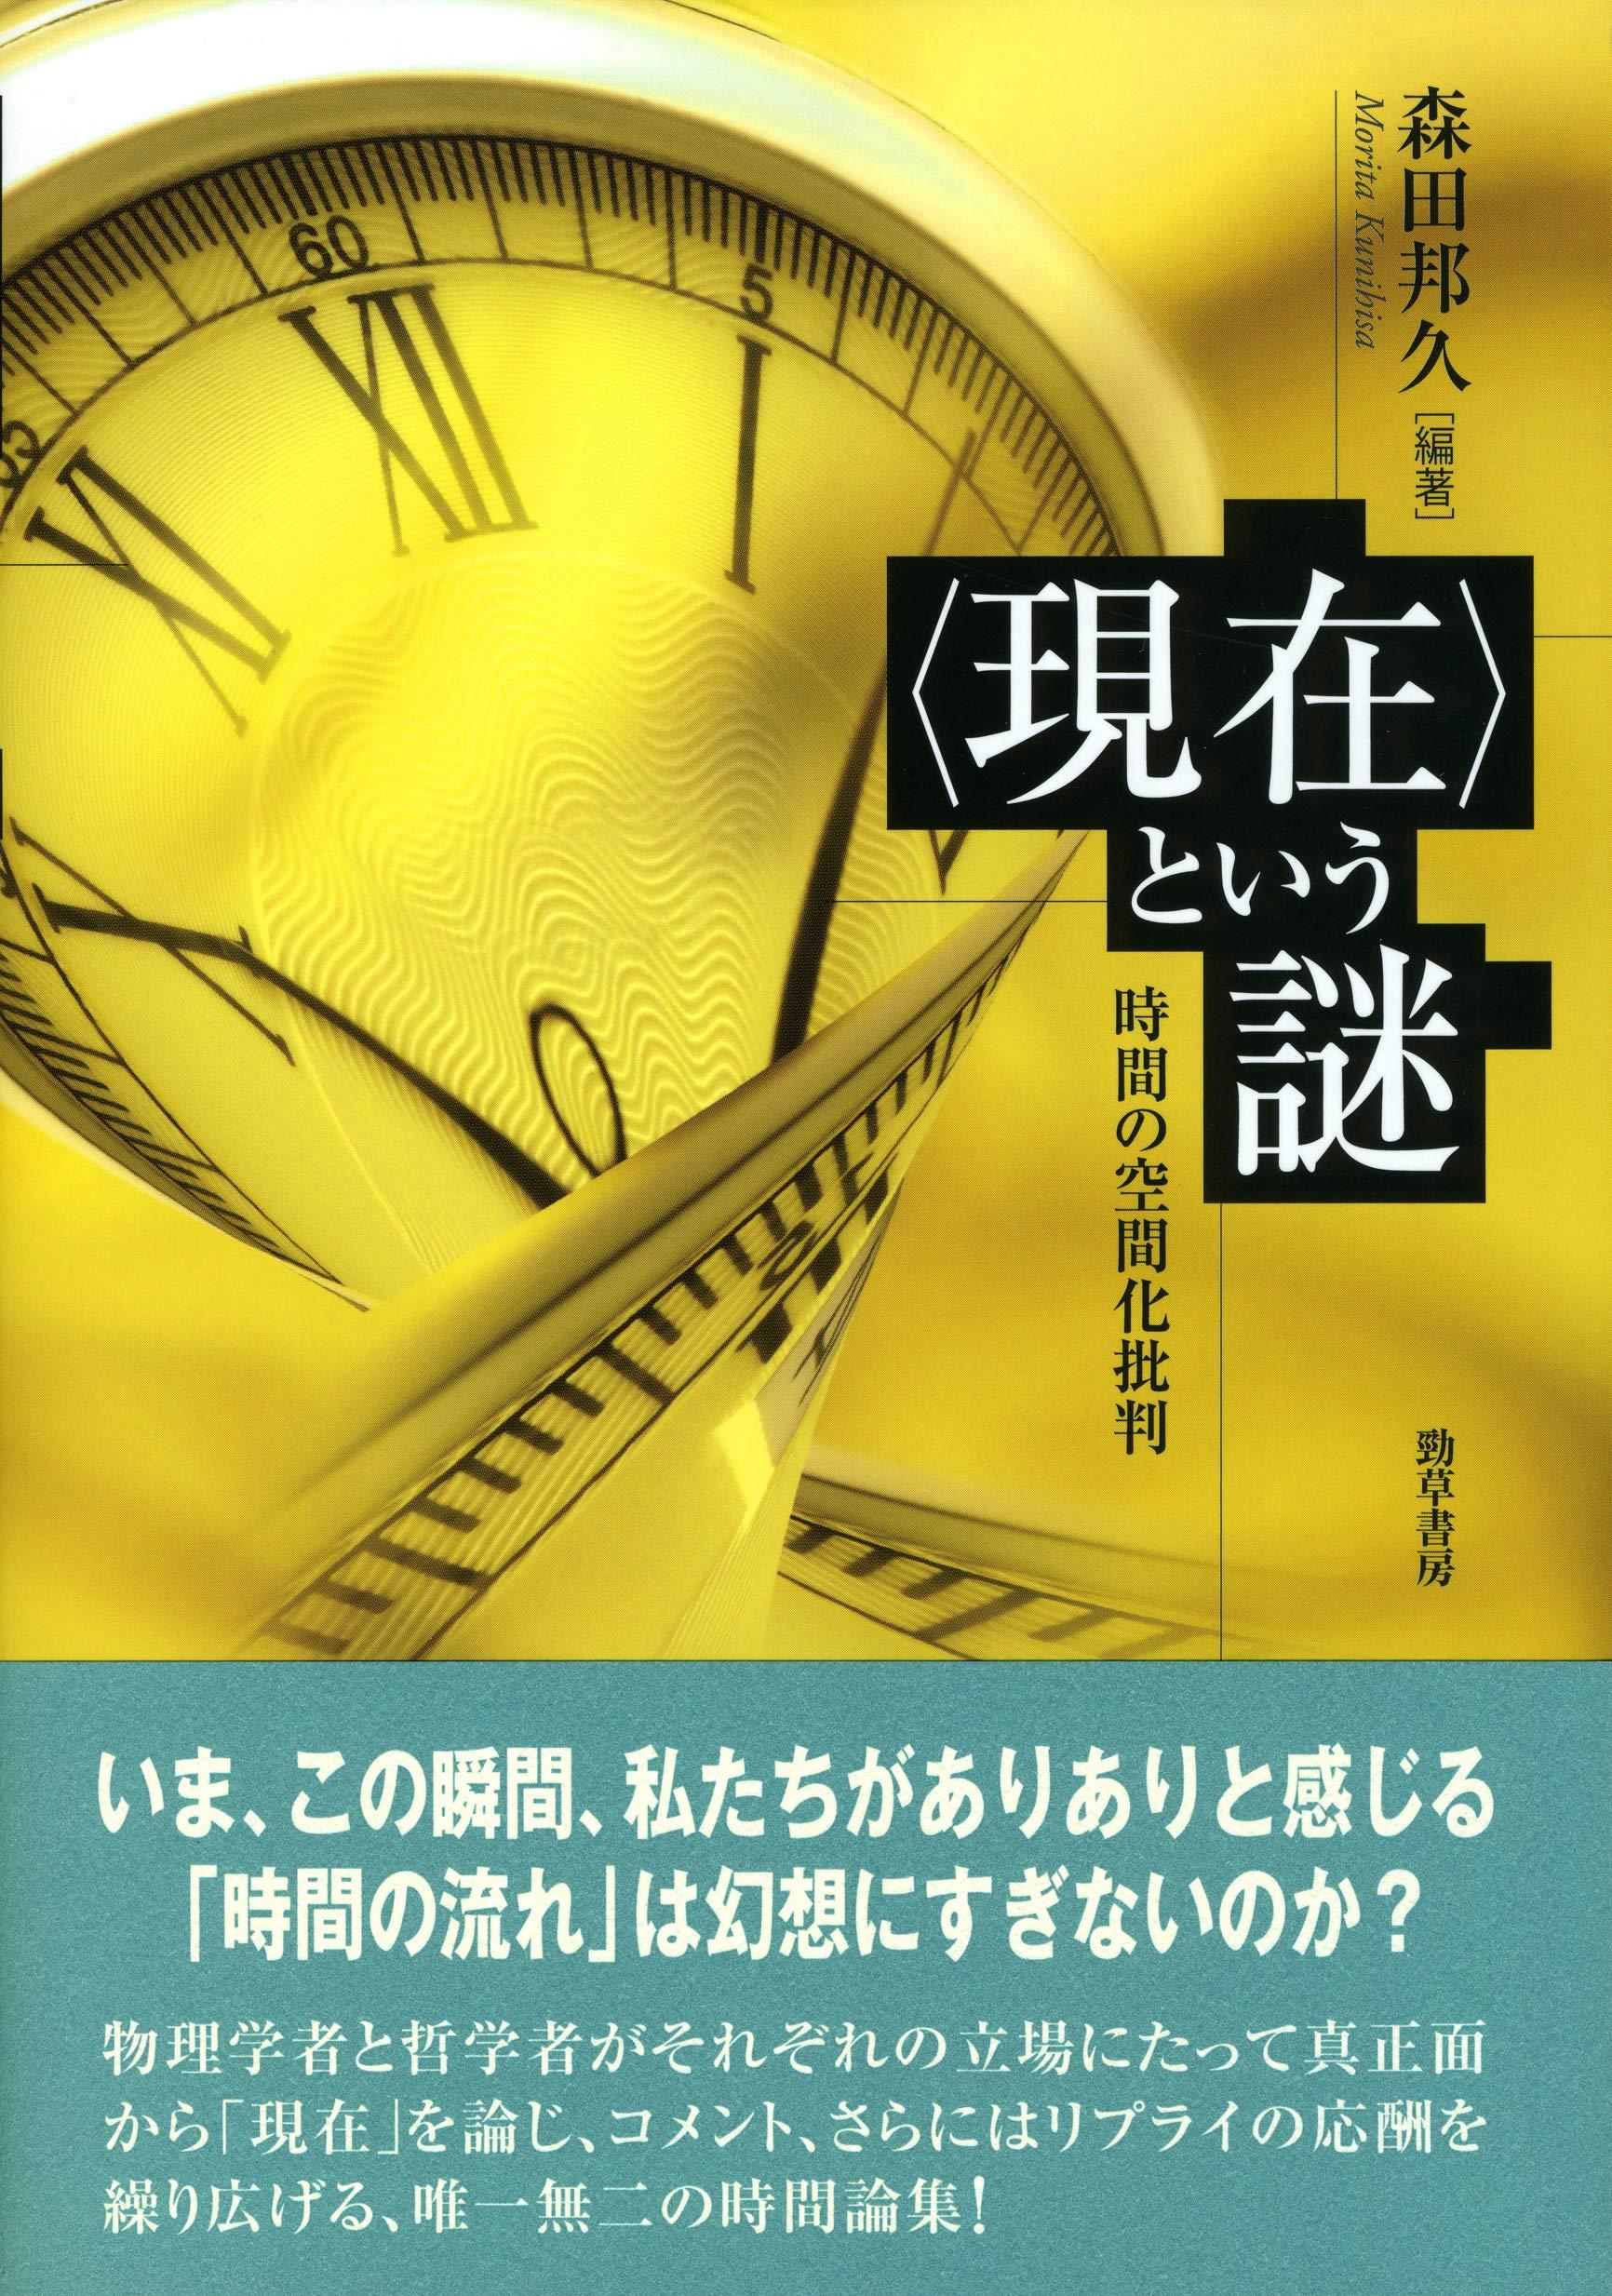 〈現在〉という謎: 時間の空間化批判 | 邦久, 森田 |本 | 通販 | Amazon